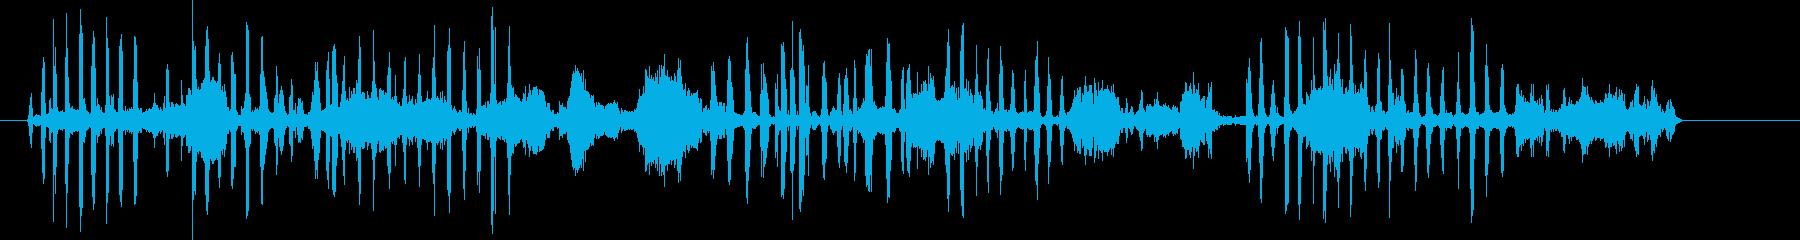 アザラシ、ケープファーバーク、鳴き...の再生済みの波形